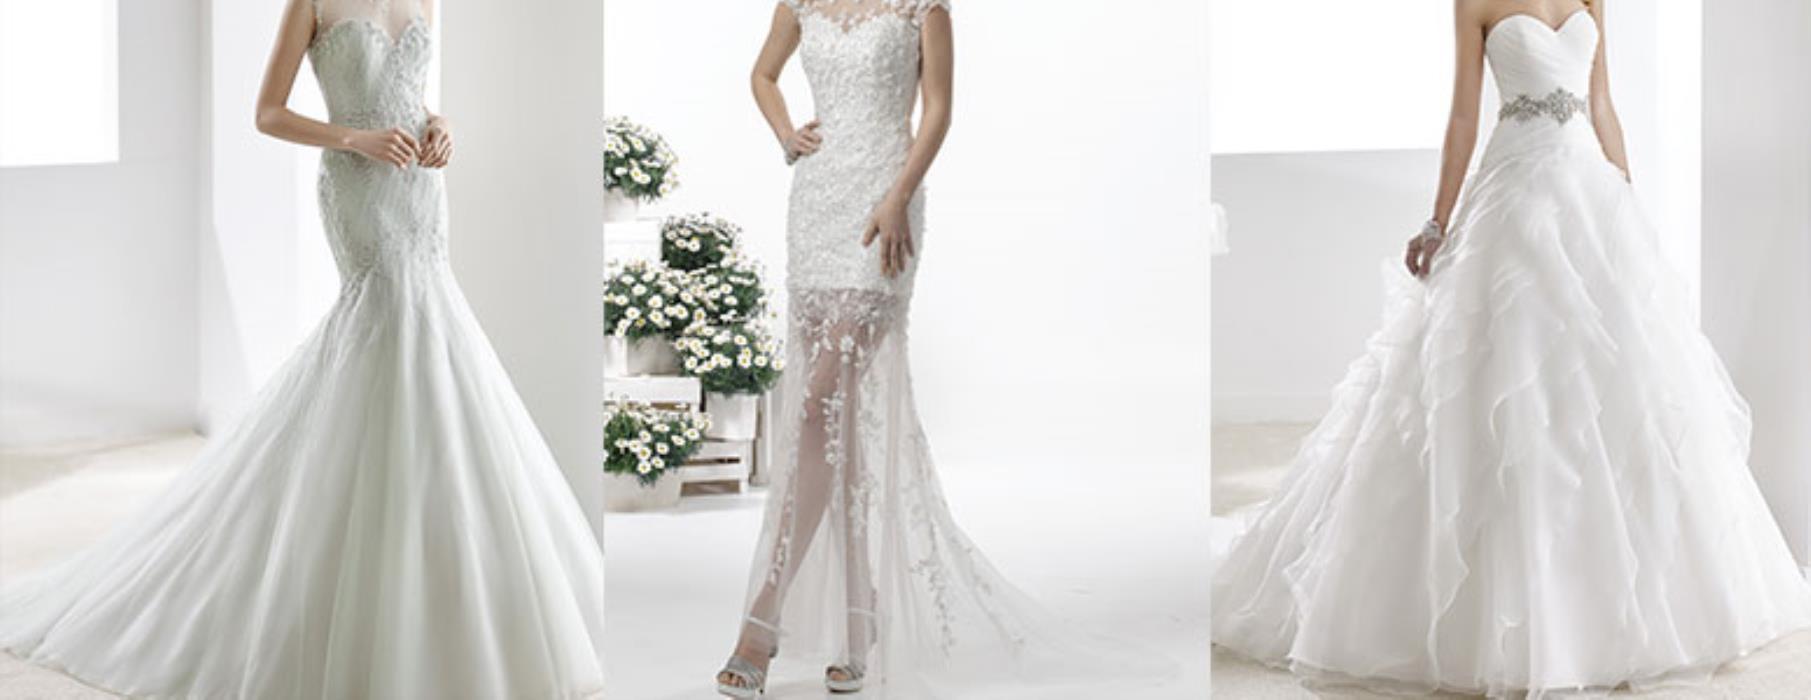 Come scegliere l abito da sposa adatto al tuo fisico  1e474ed5ad4